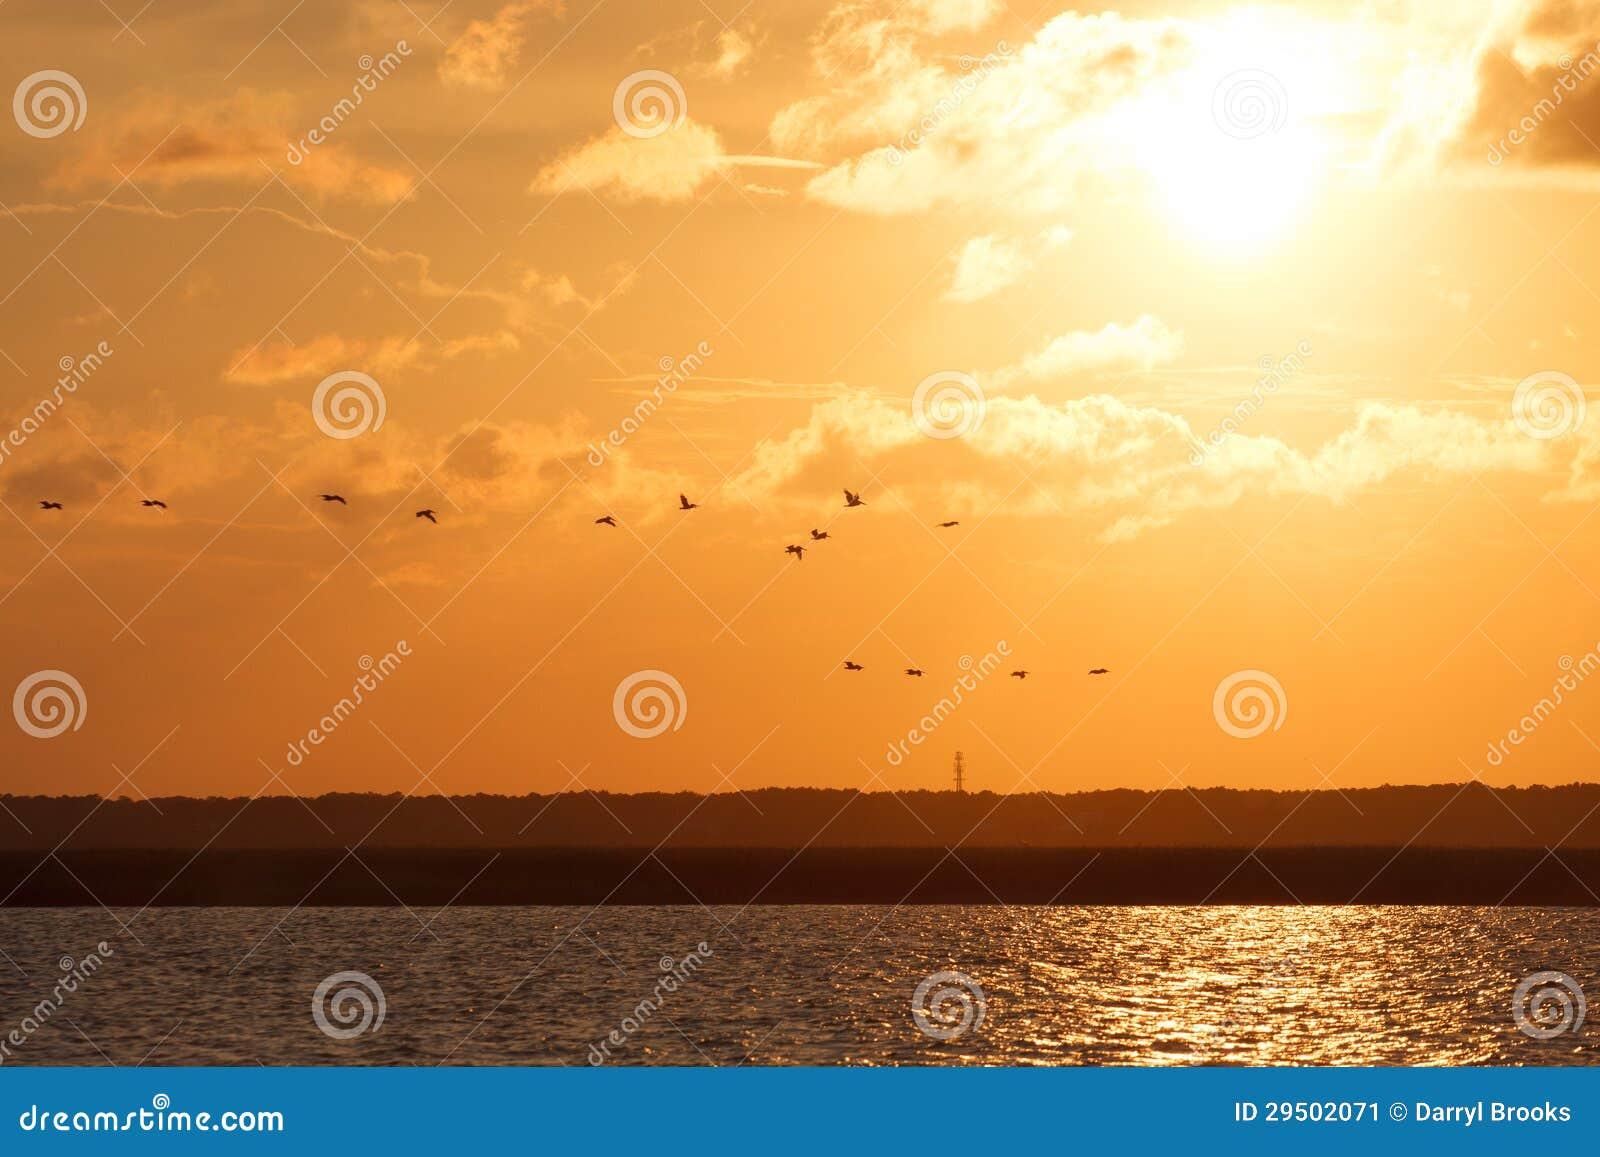 Pelikanen die bij Zonsondergang vliegen